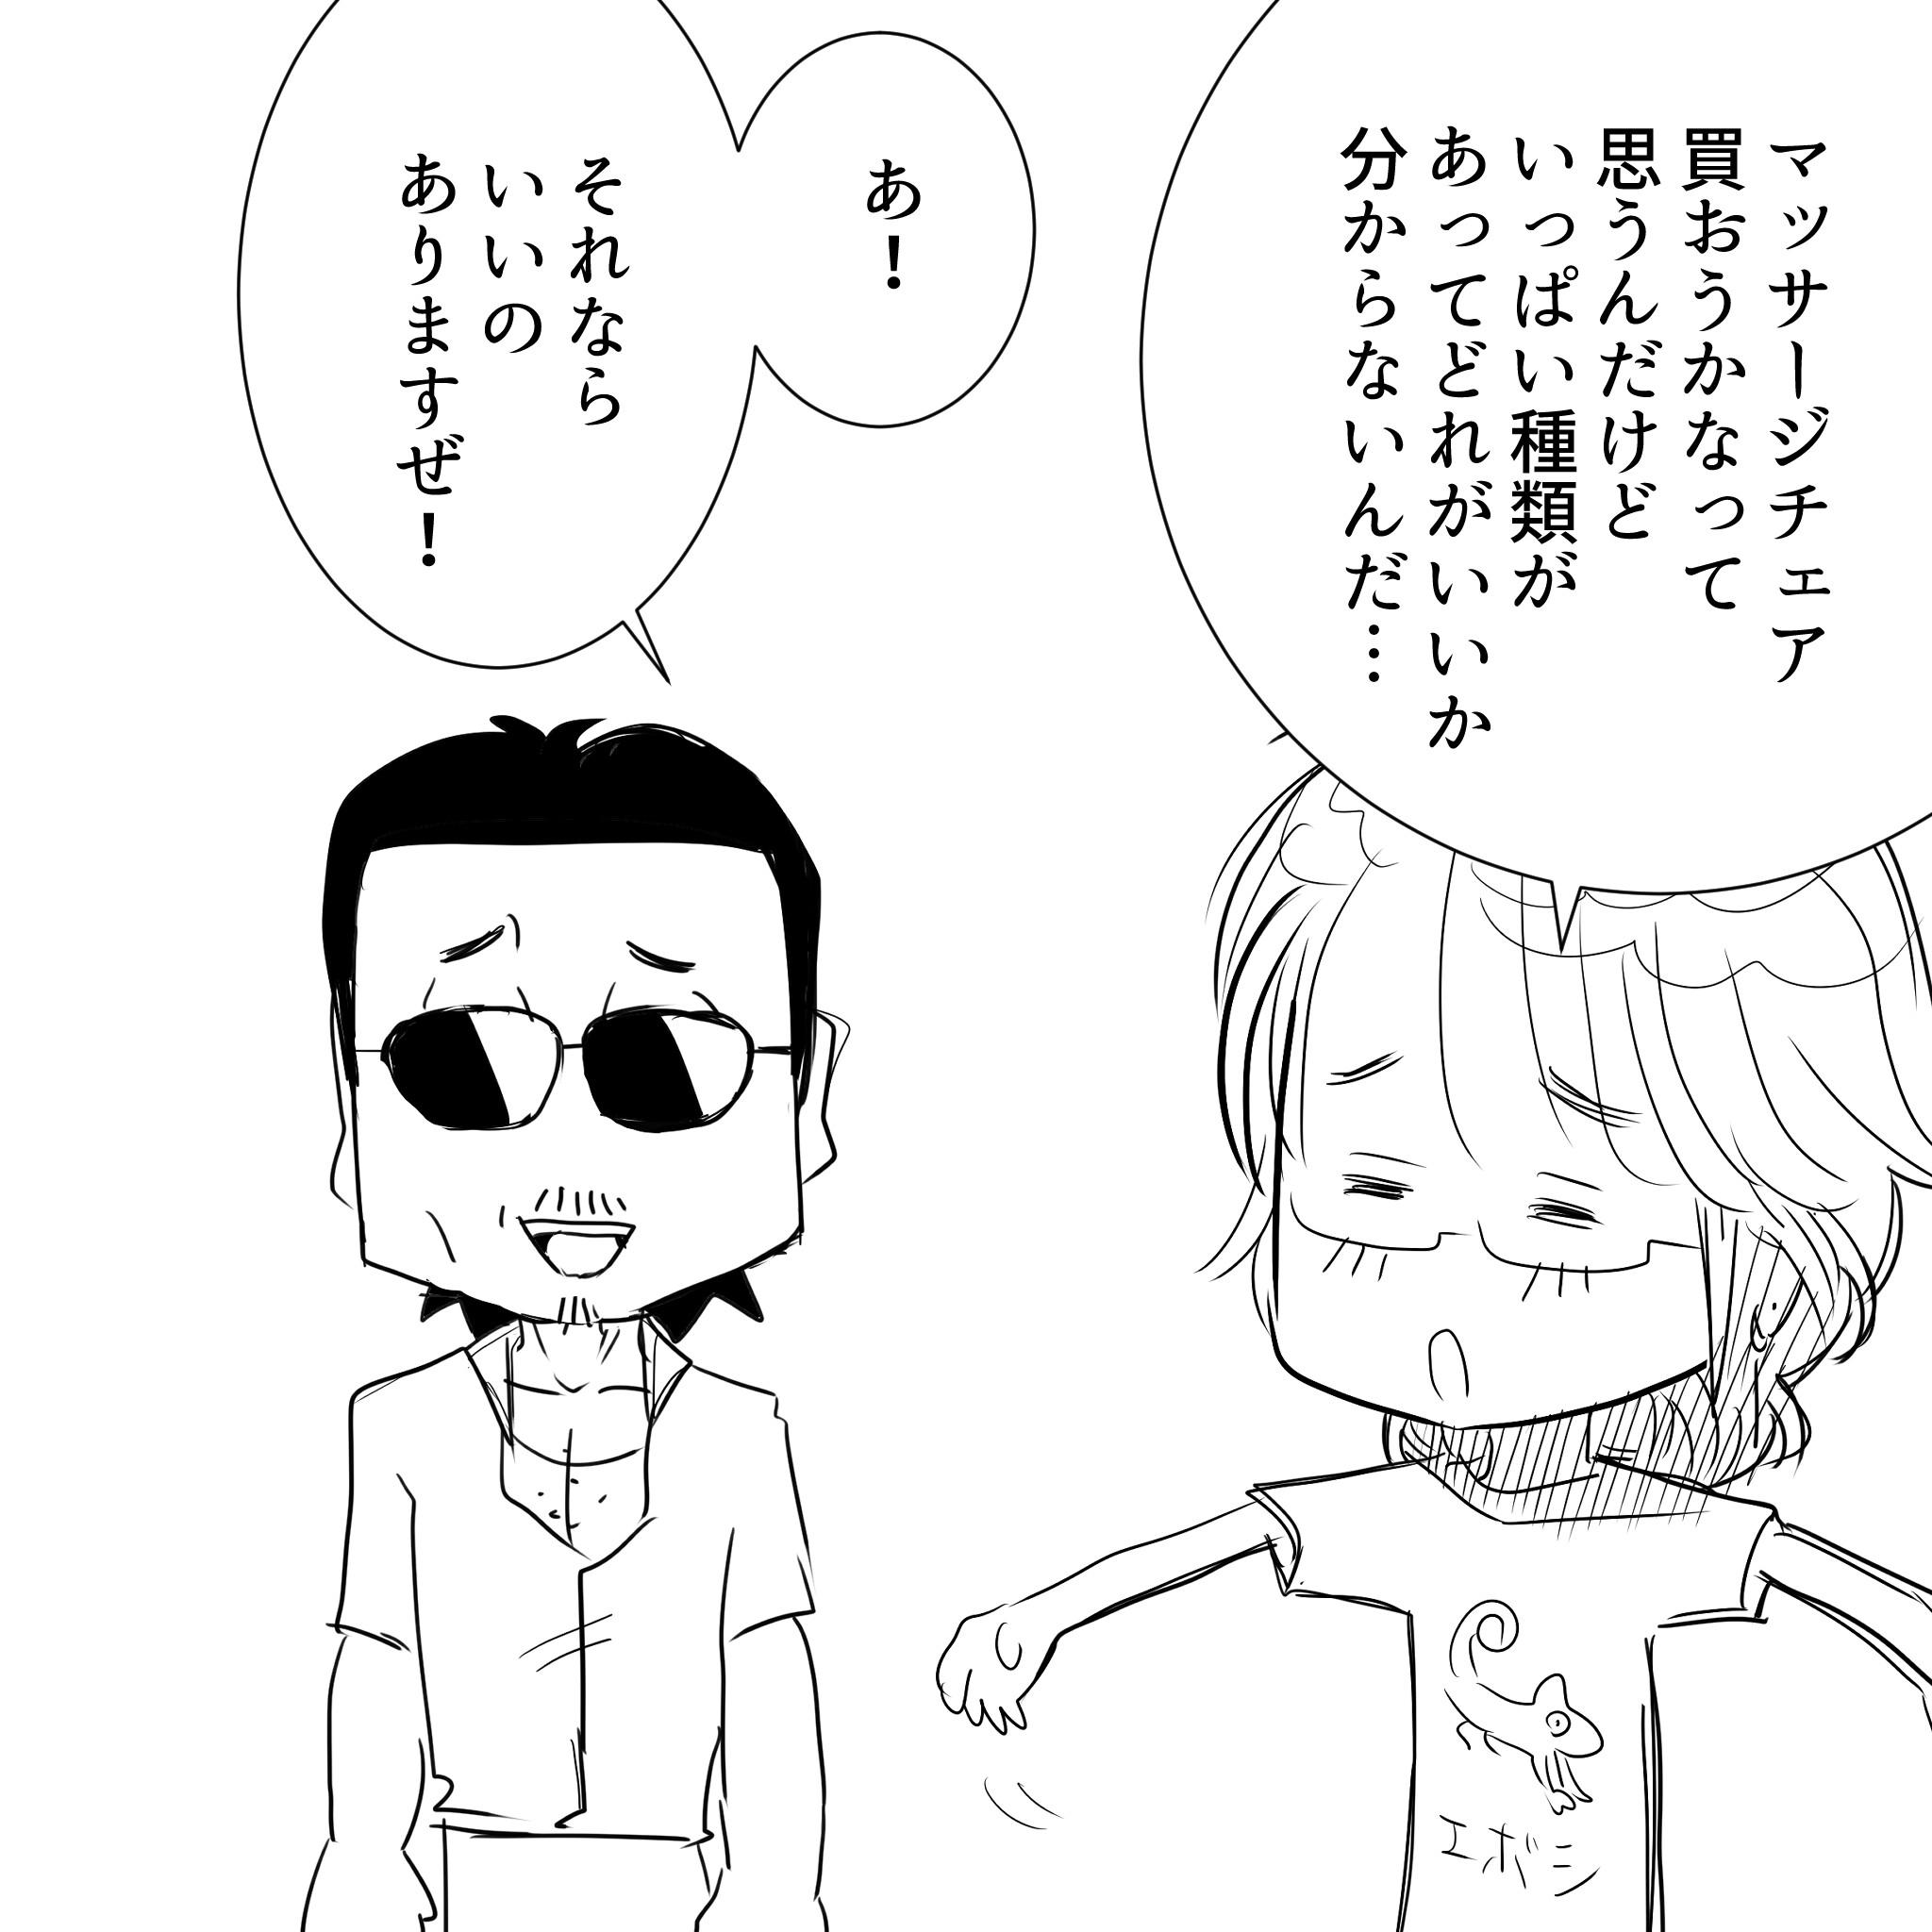 坂崎さんのマッサージチェア2